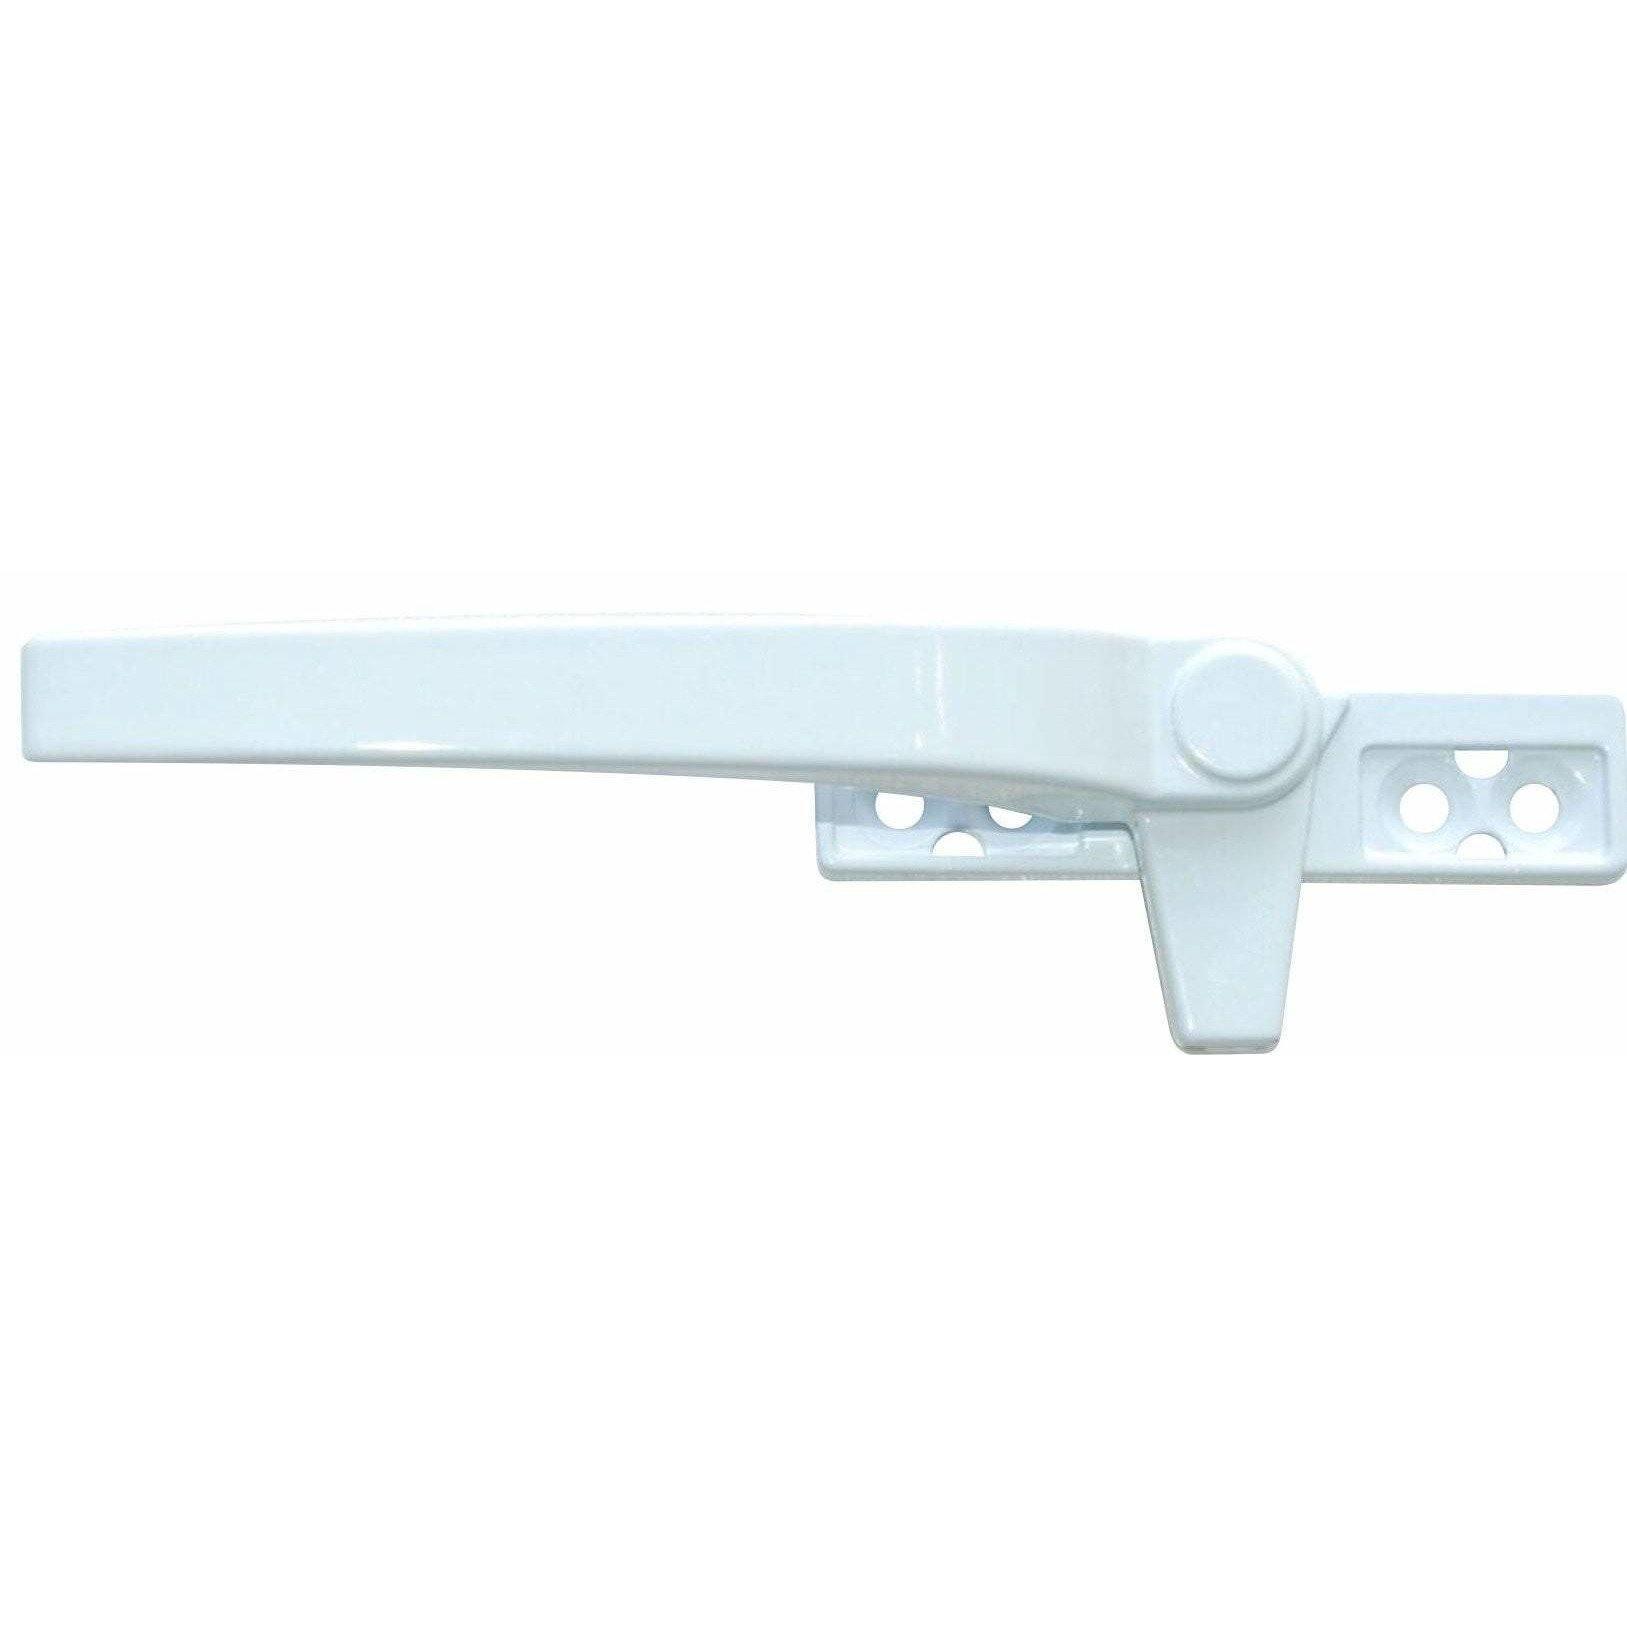 Aluminium window handle